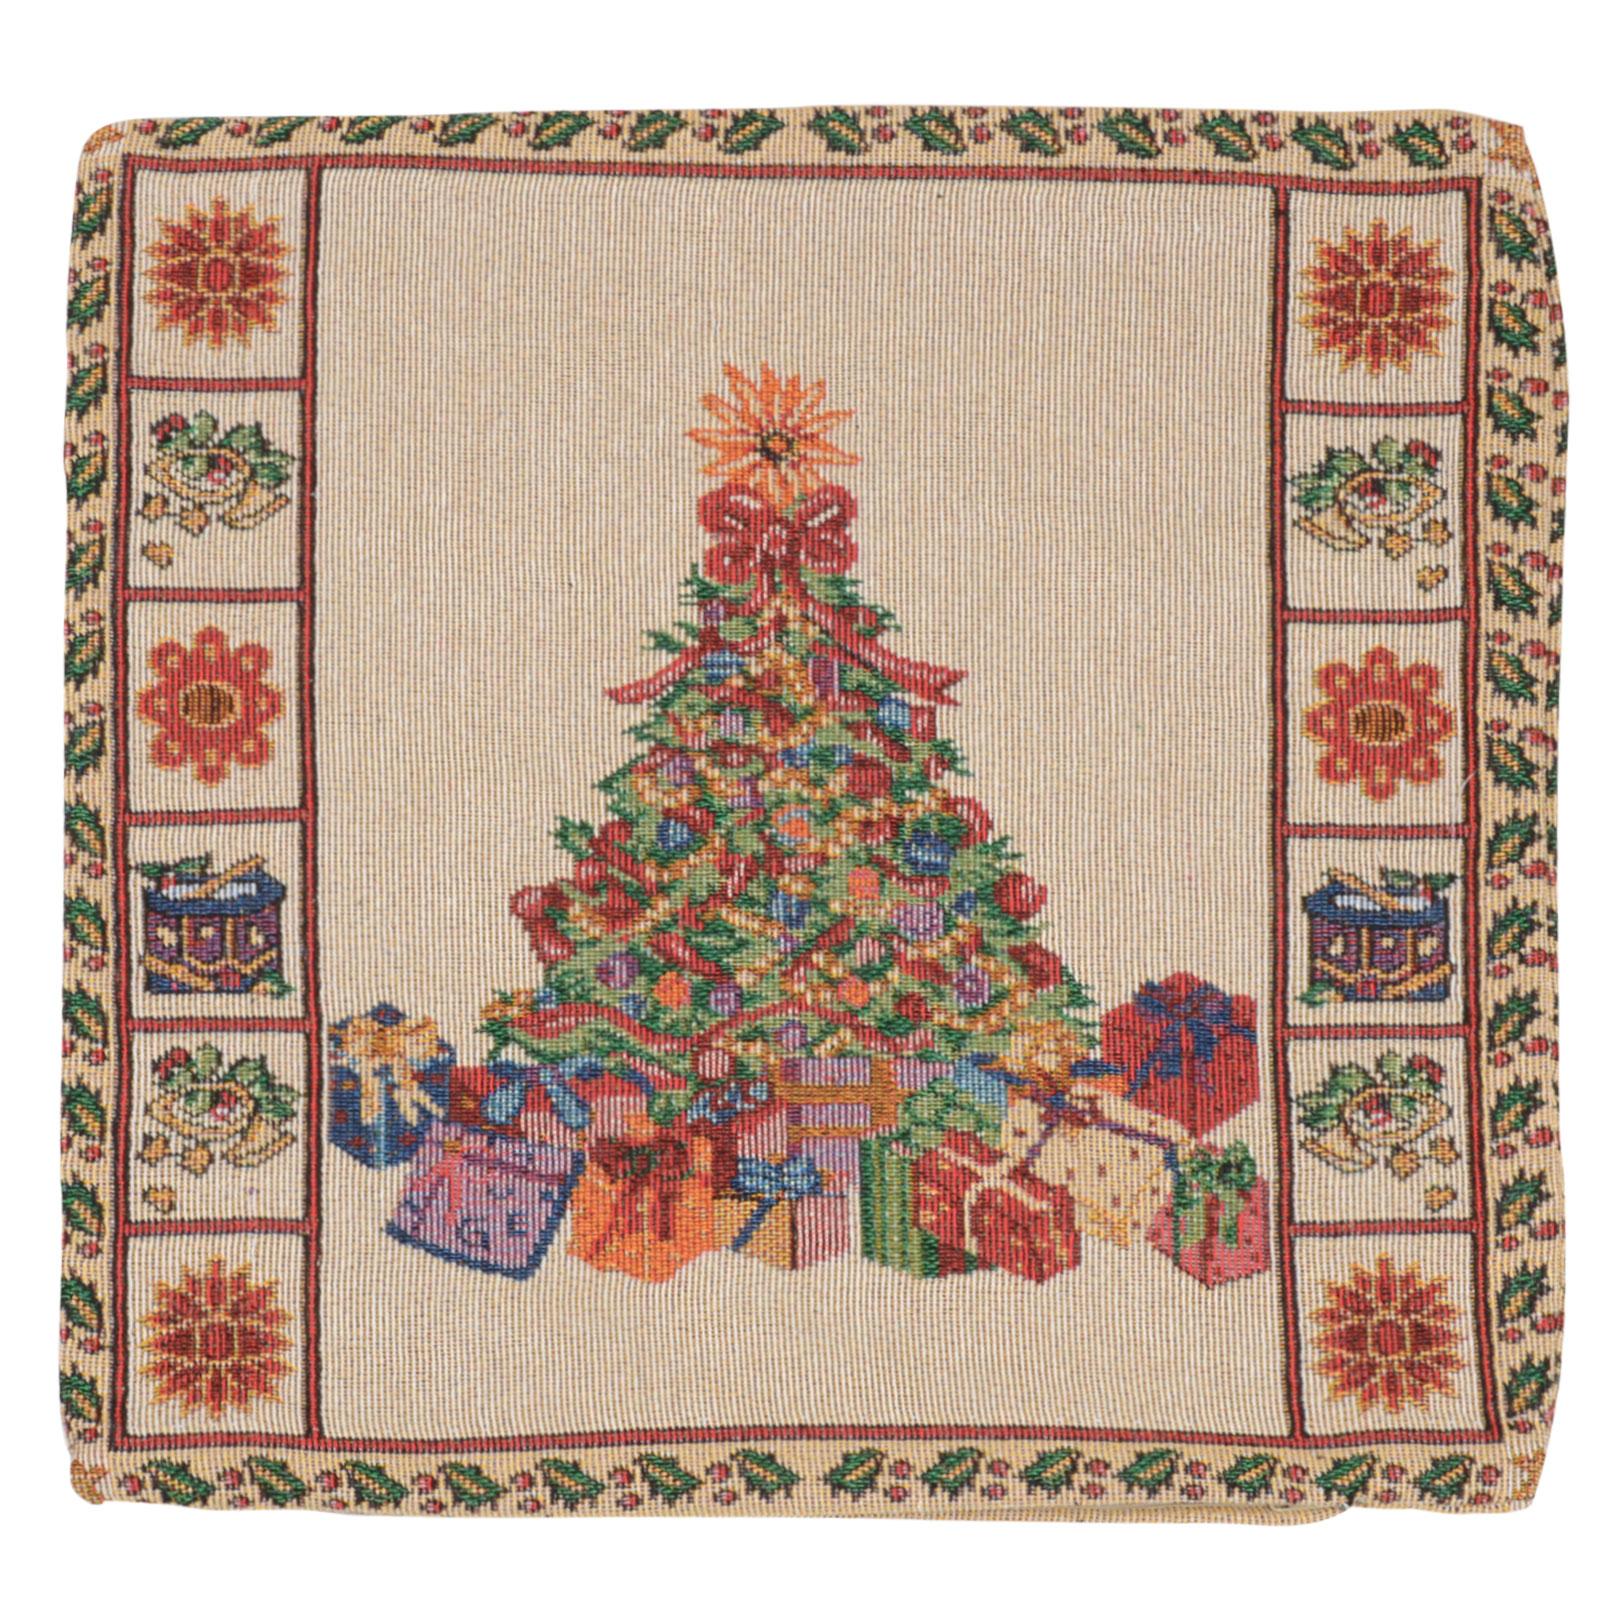 Povlak na dekorační polštář Vánoční stromek